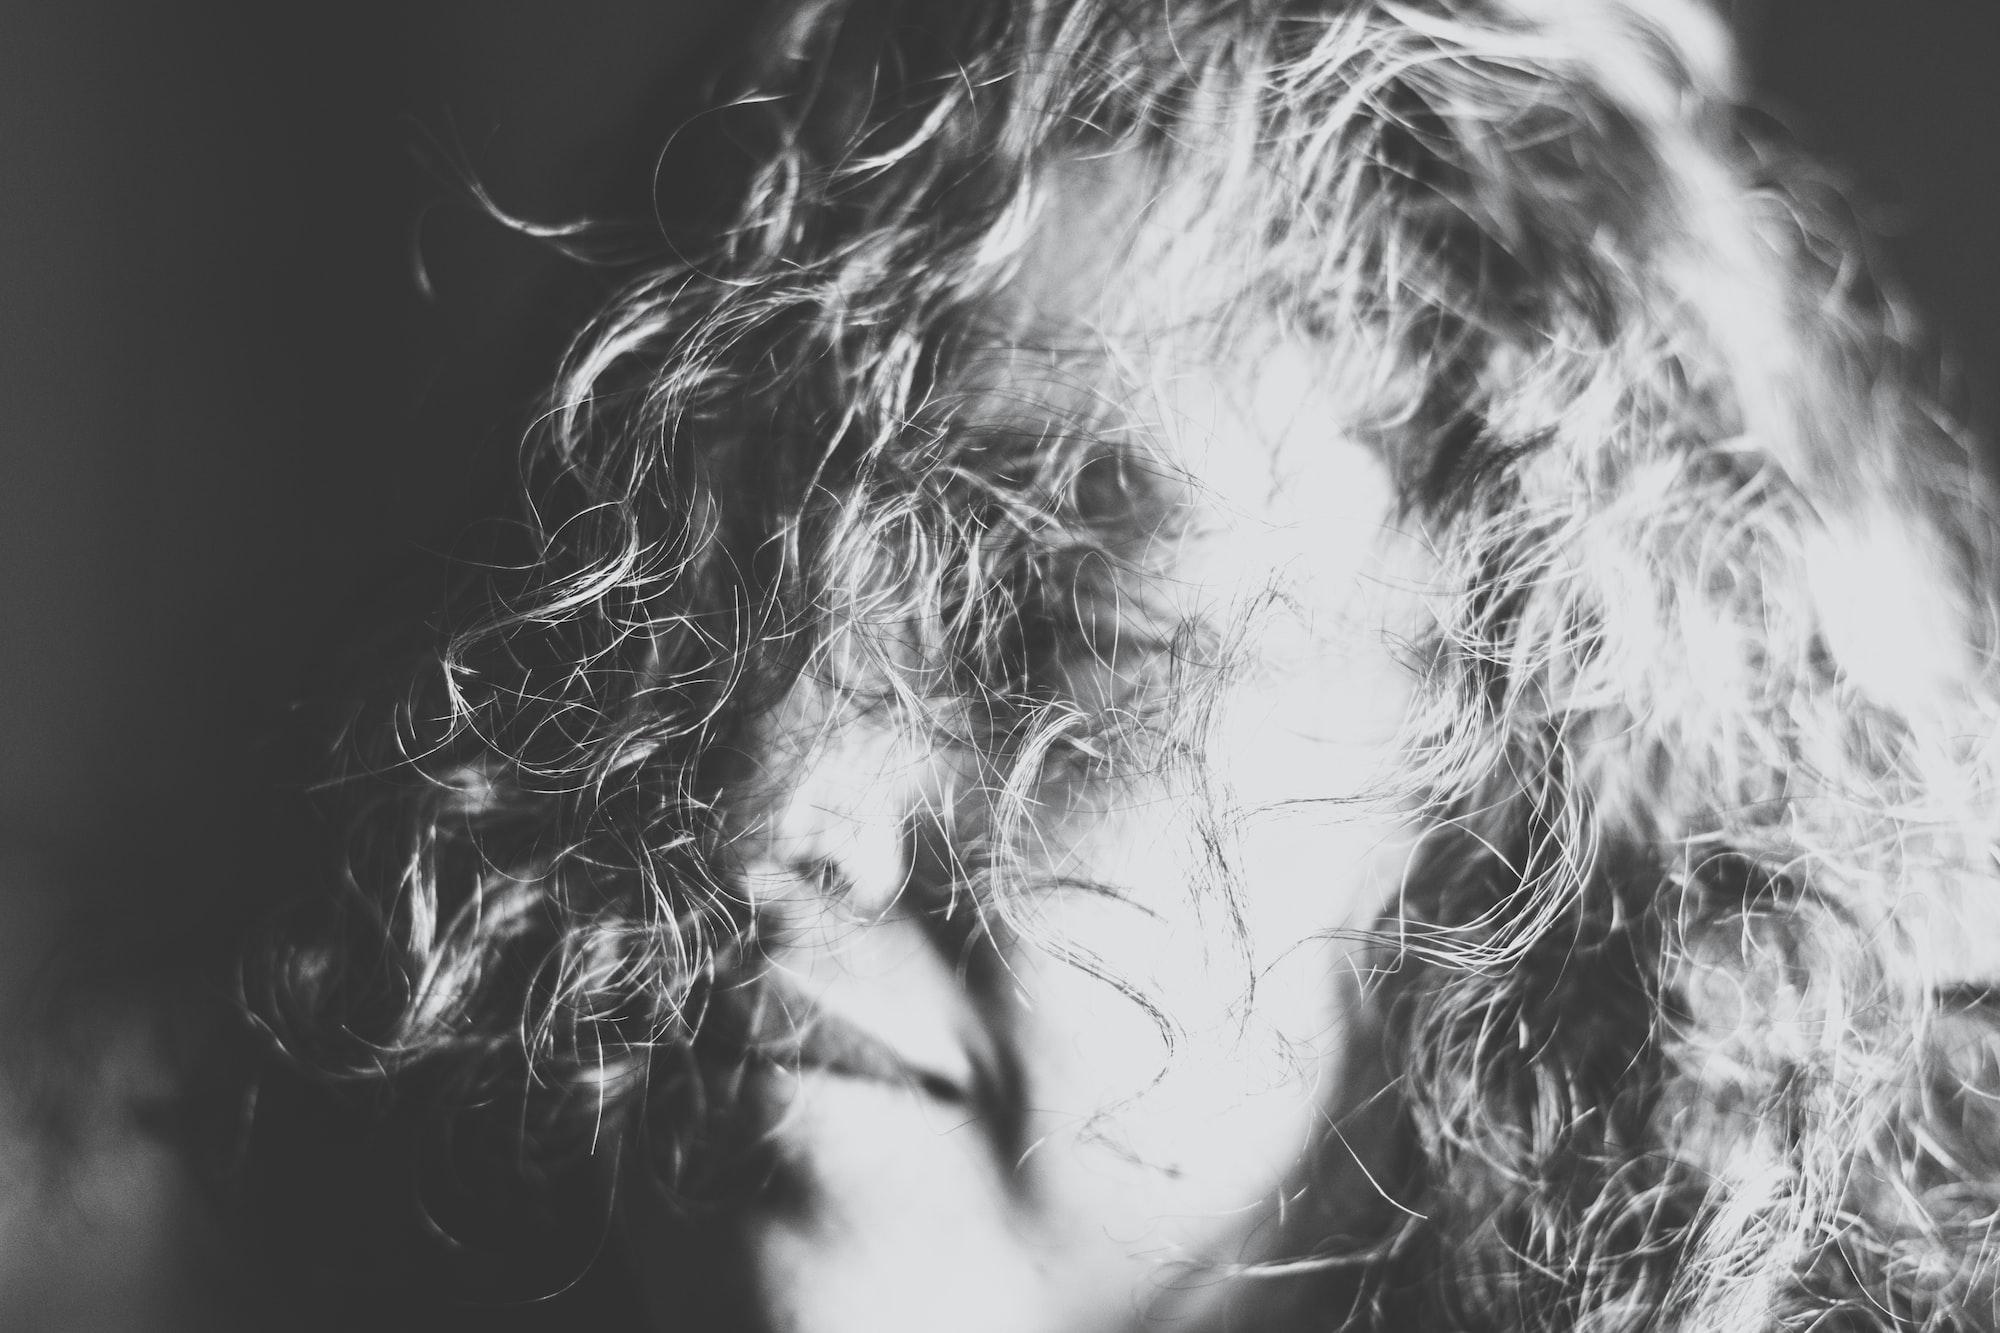 ब्रैम्पटन में भारतीय मूल के युवा ने किया महिला का यौन उत्पीड़न, गिरफ्तार